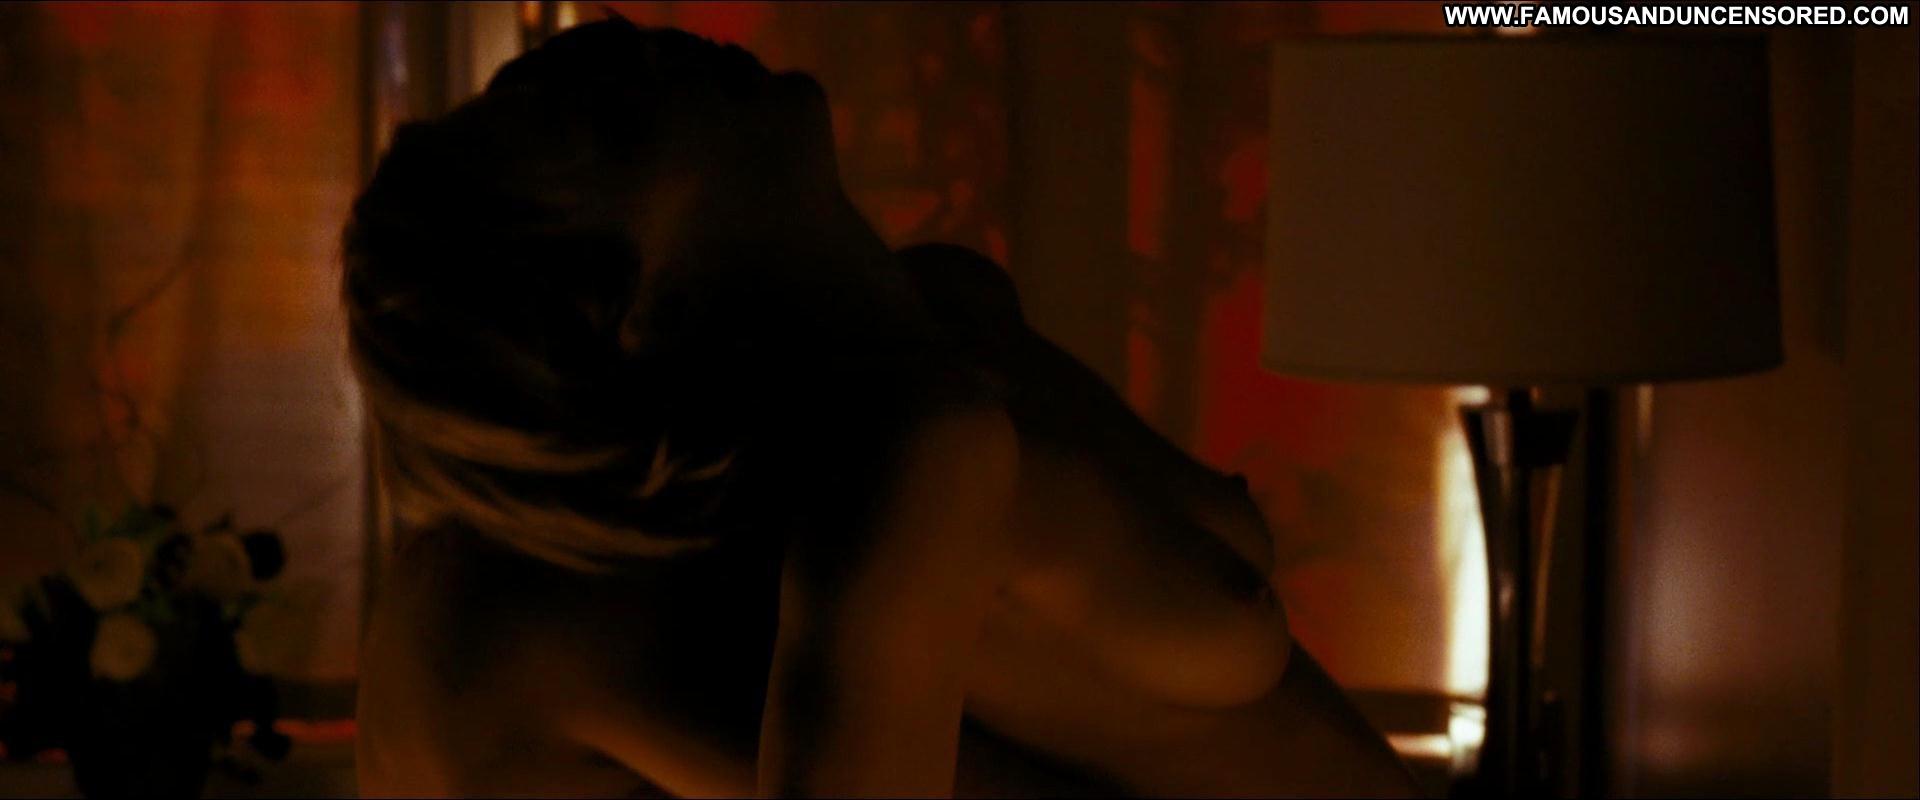 Рада митчелл в порно, Порно видео Рада Митчелл в фильме Праздник любви 23 фотография